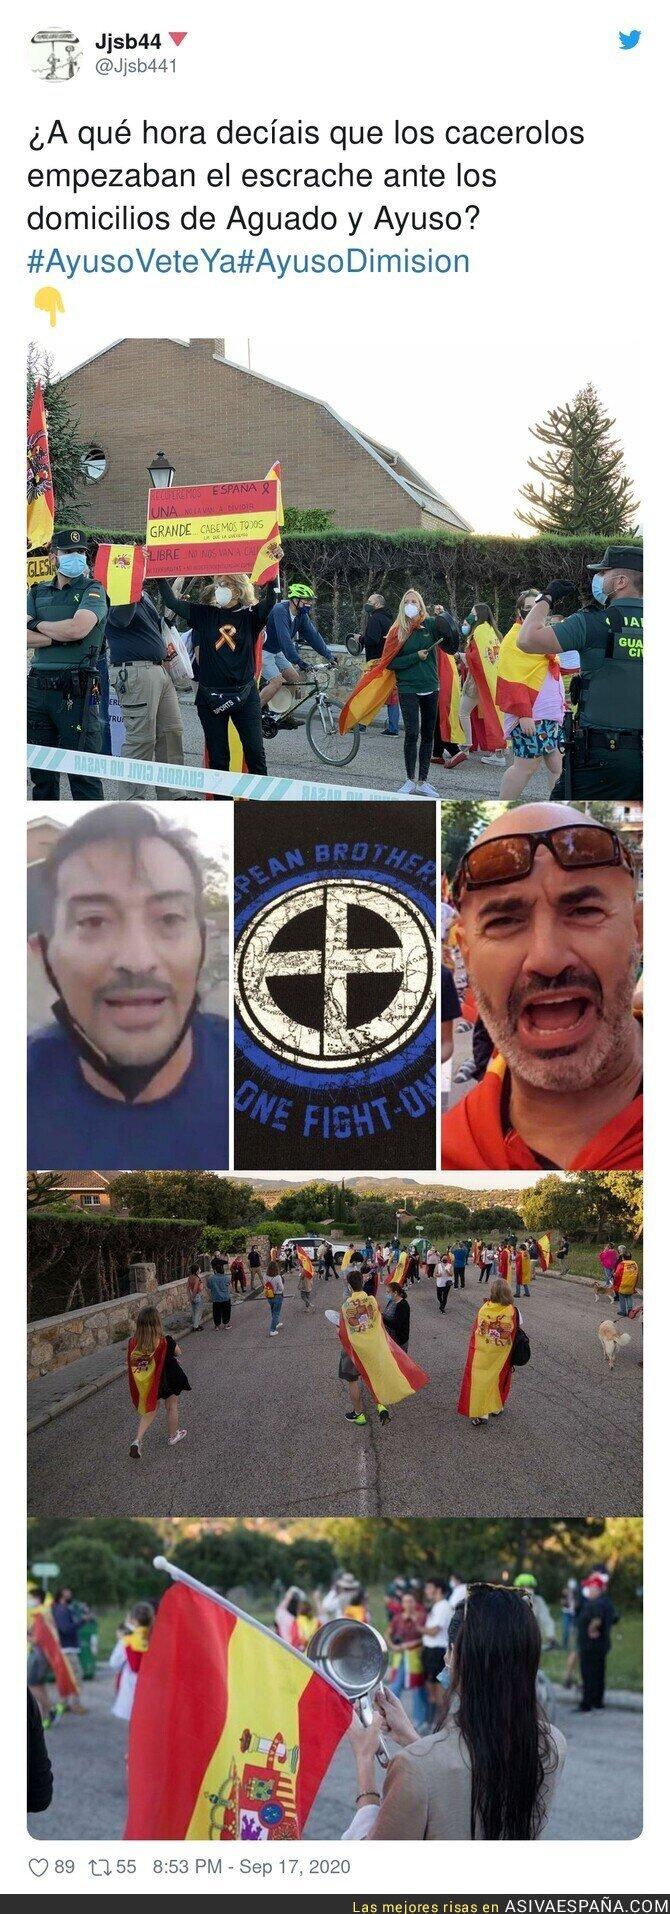 371956 - Sigue el acoso frente a la casa de Pablo Iglesias